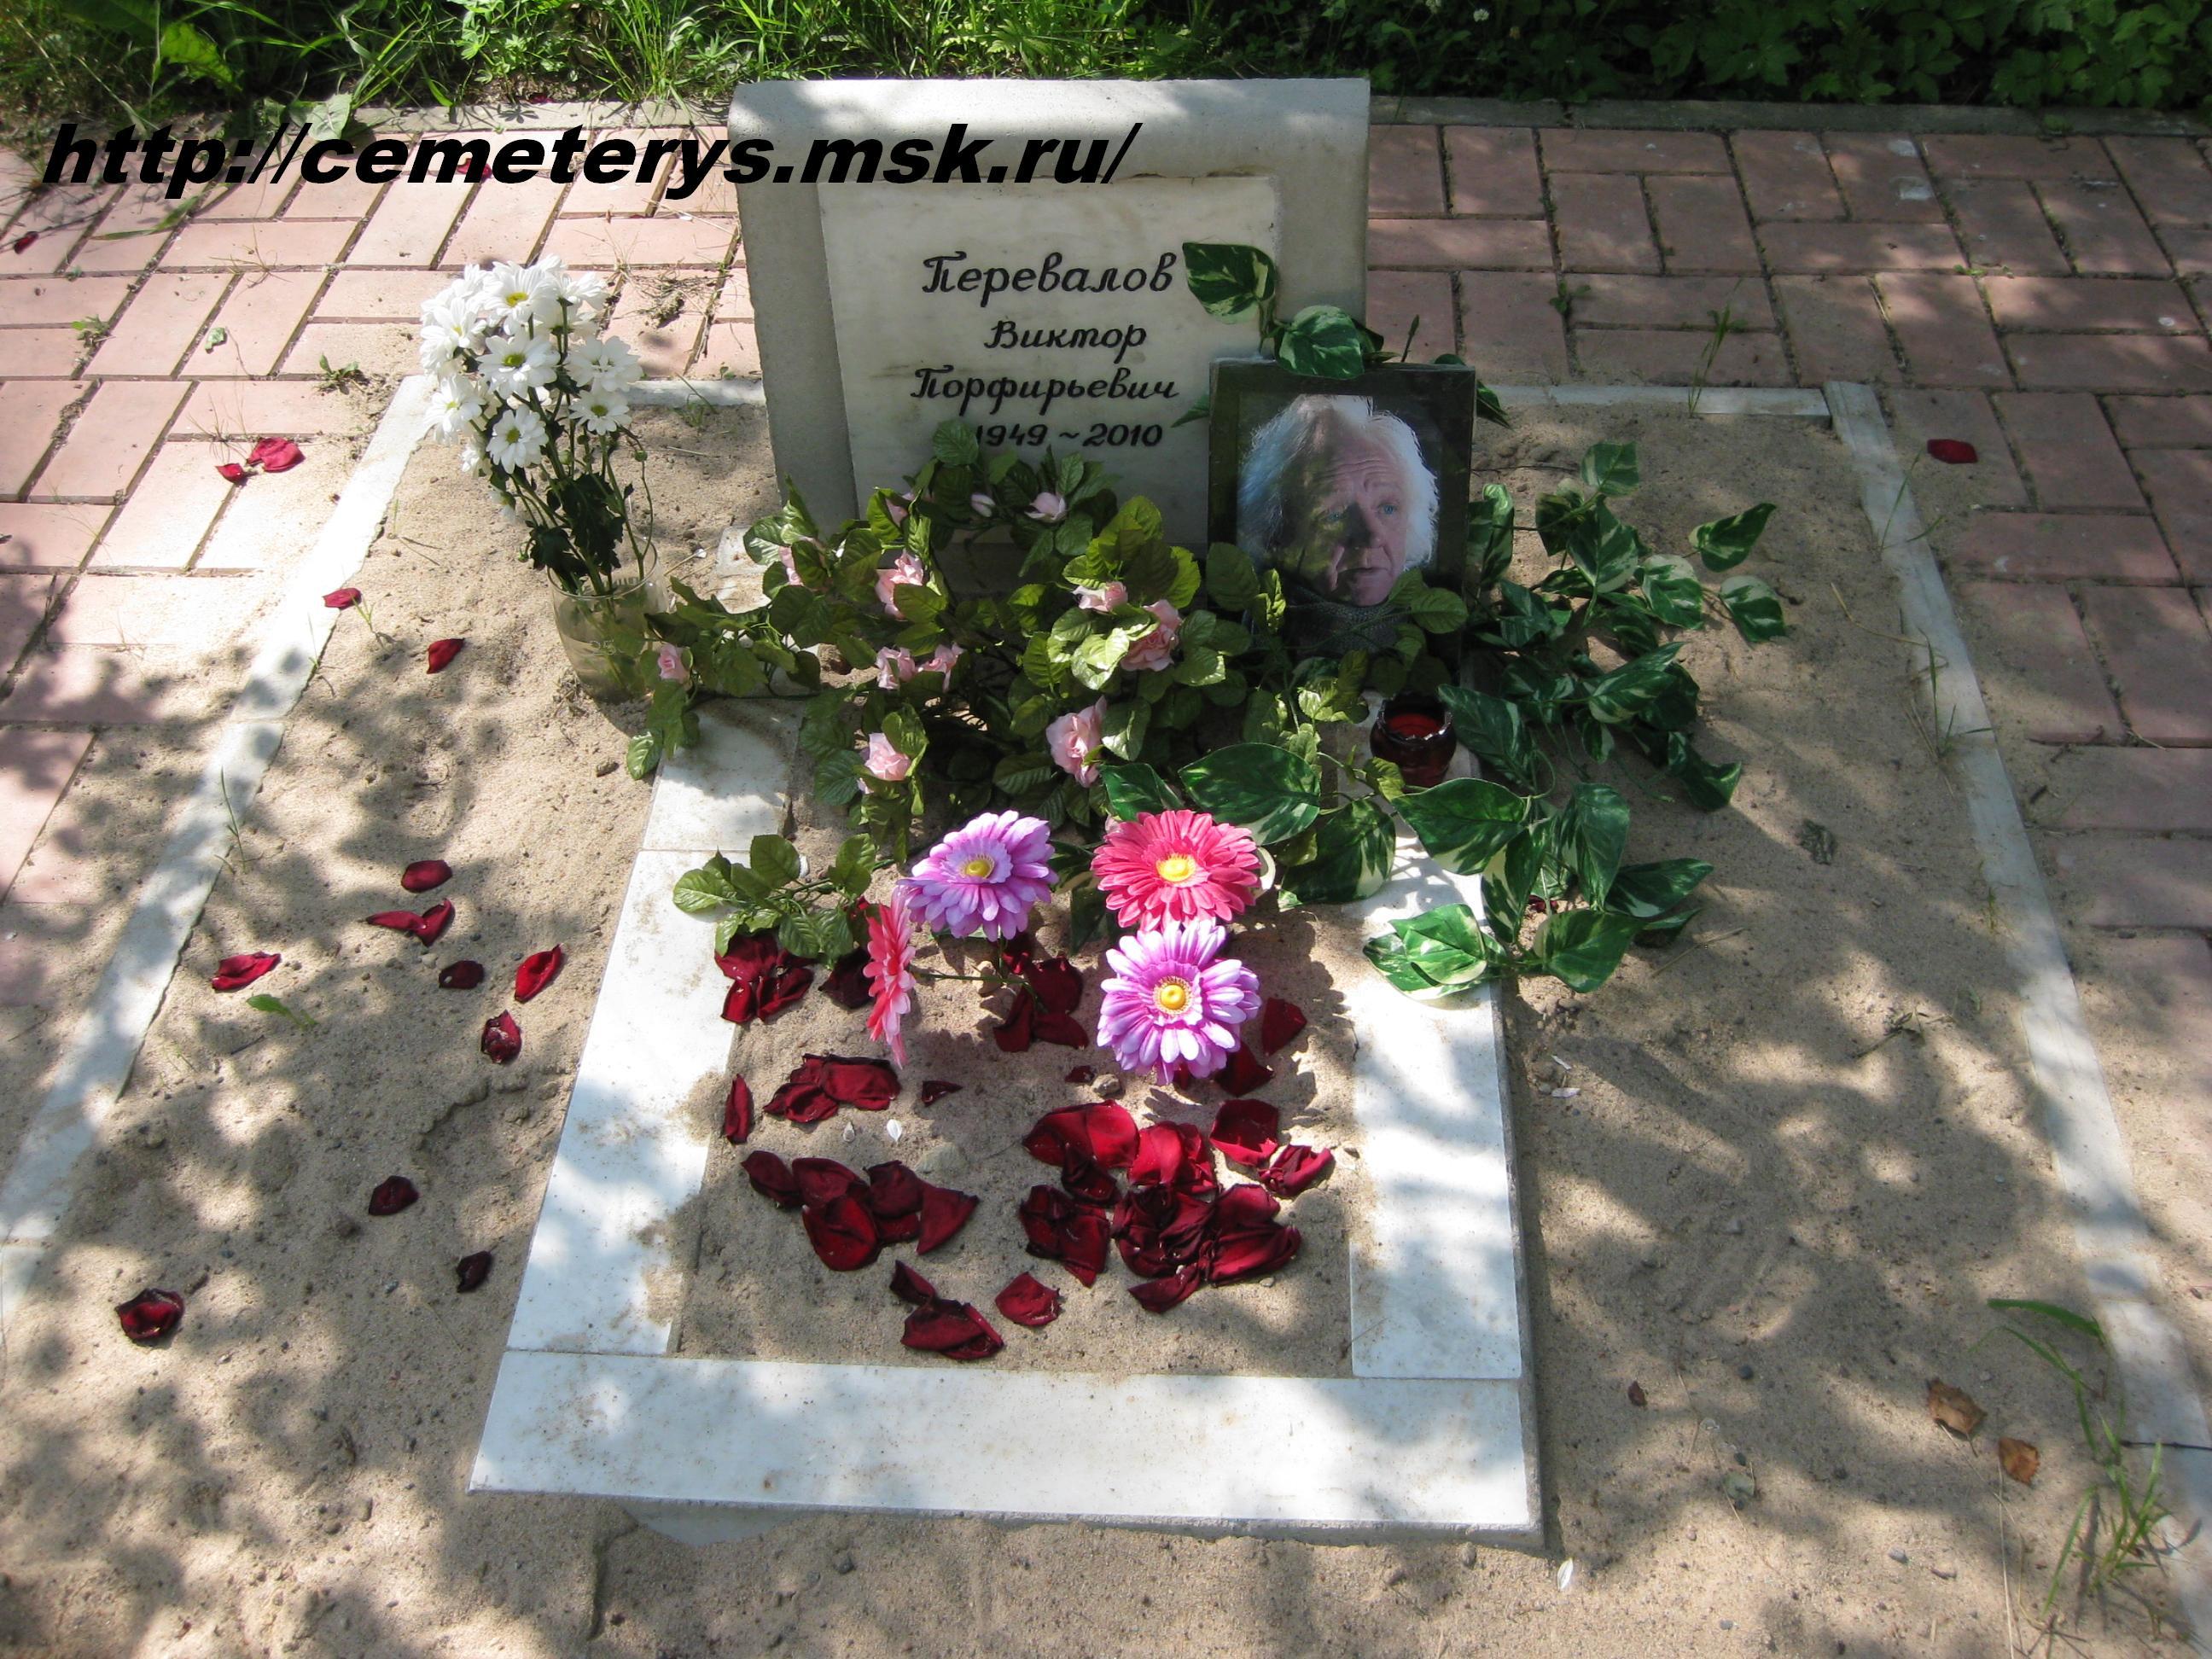 могила Виктора Перевалова вид могилы до установки памятника ( фото Дмитрия Кондратьева)